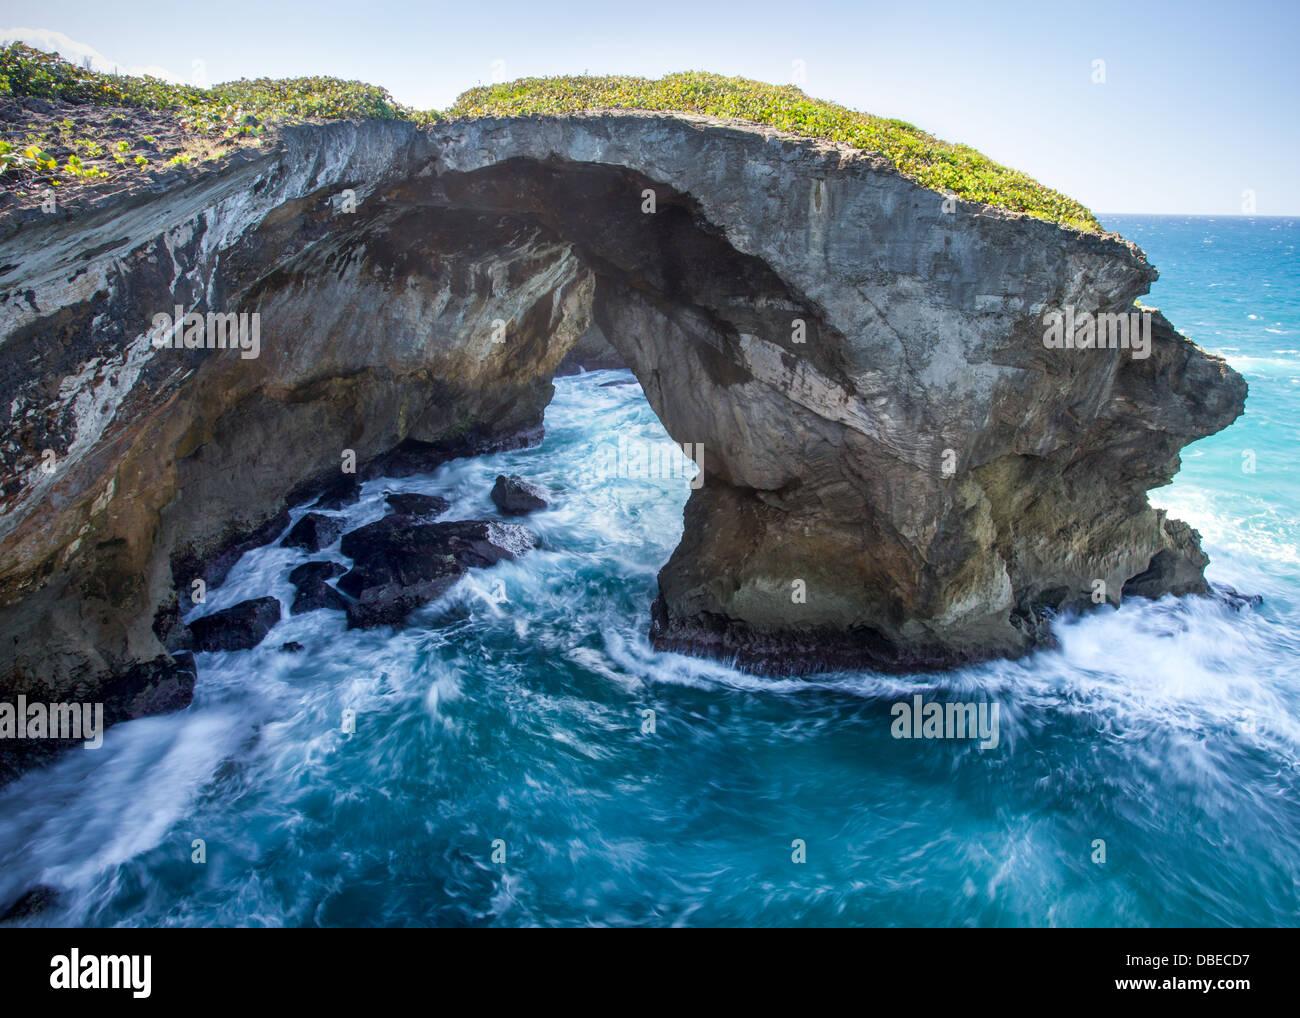 Los arcos beach cerca de Arecibo, Puerto Rico. Imagen De Stock